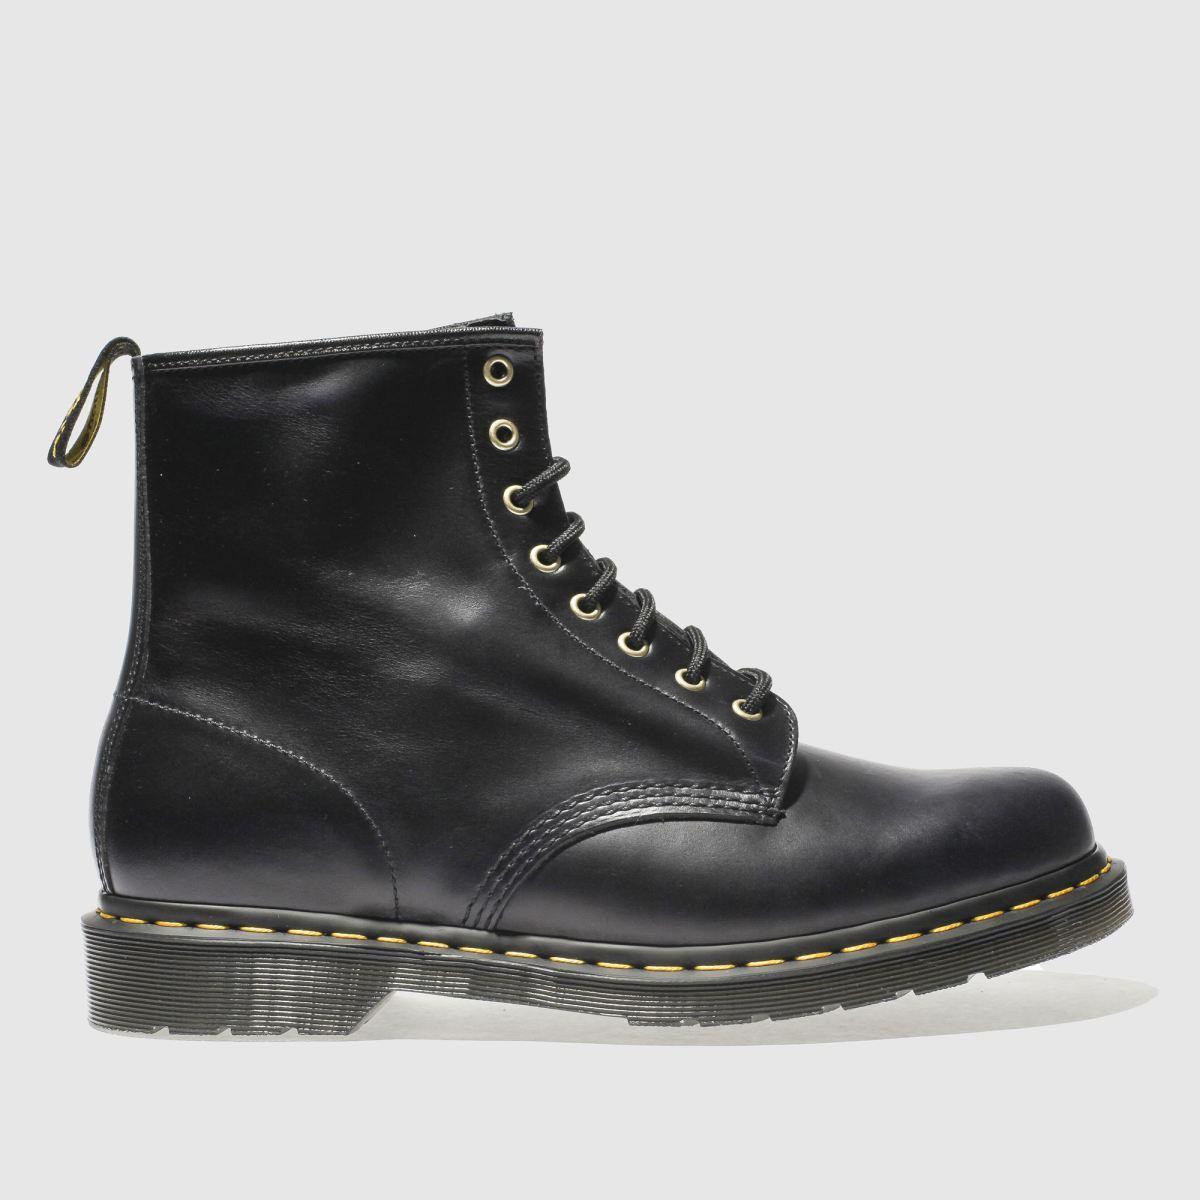 Dr Martens Navy 1460 Aqua Glide Boots